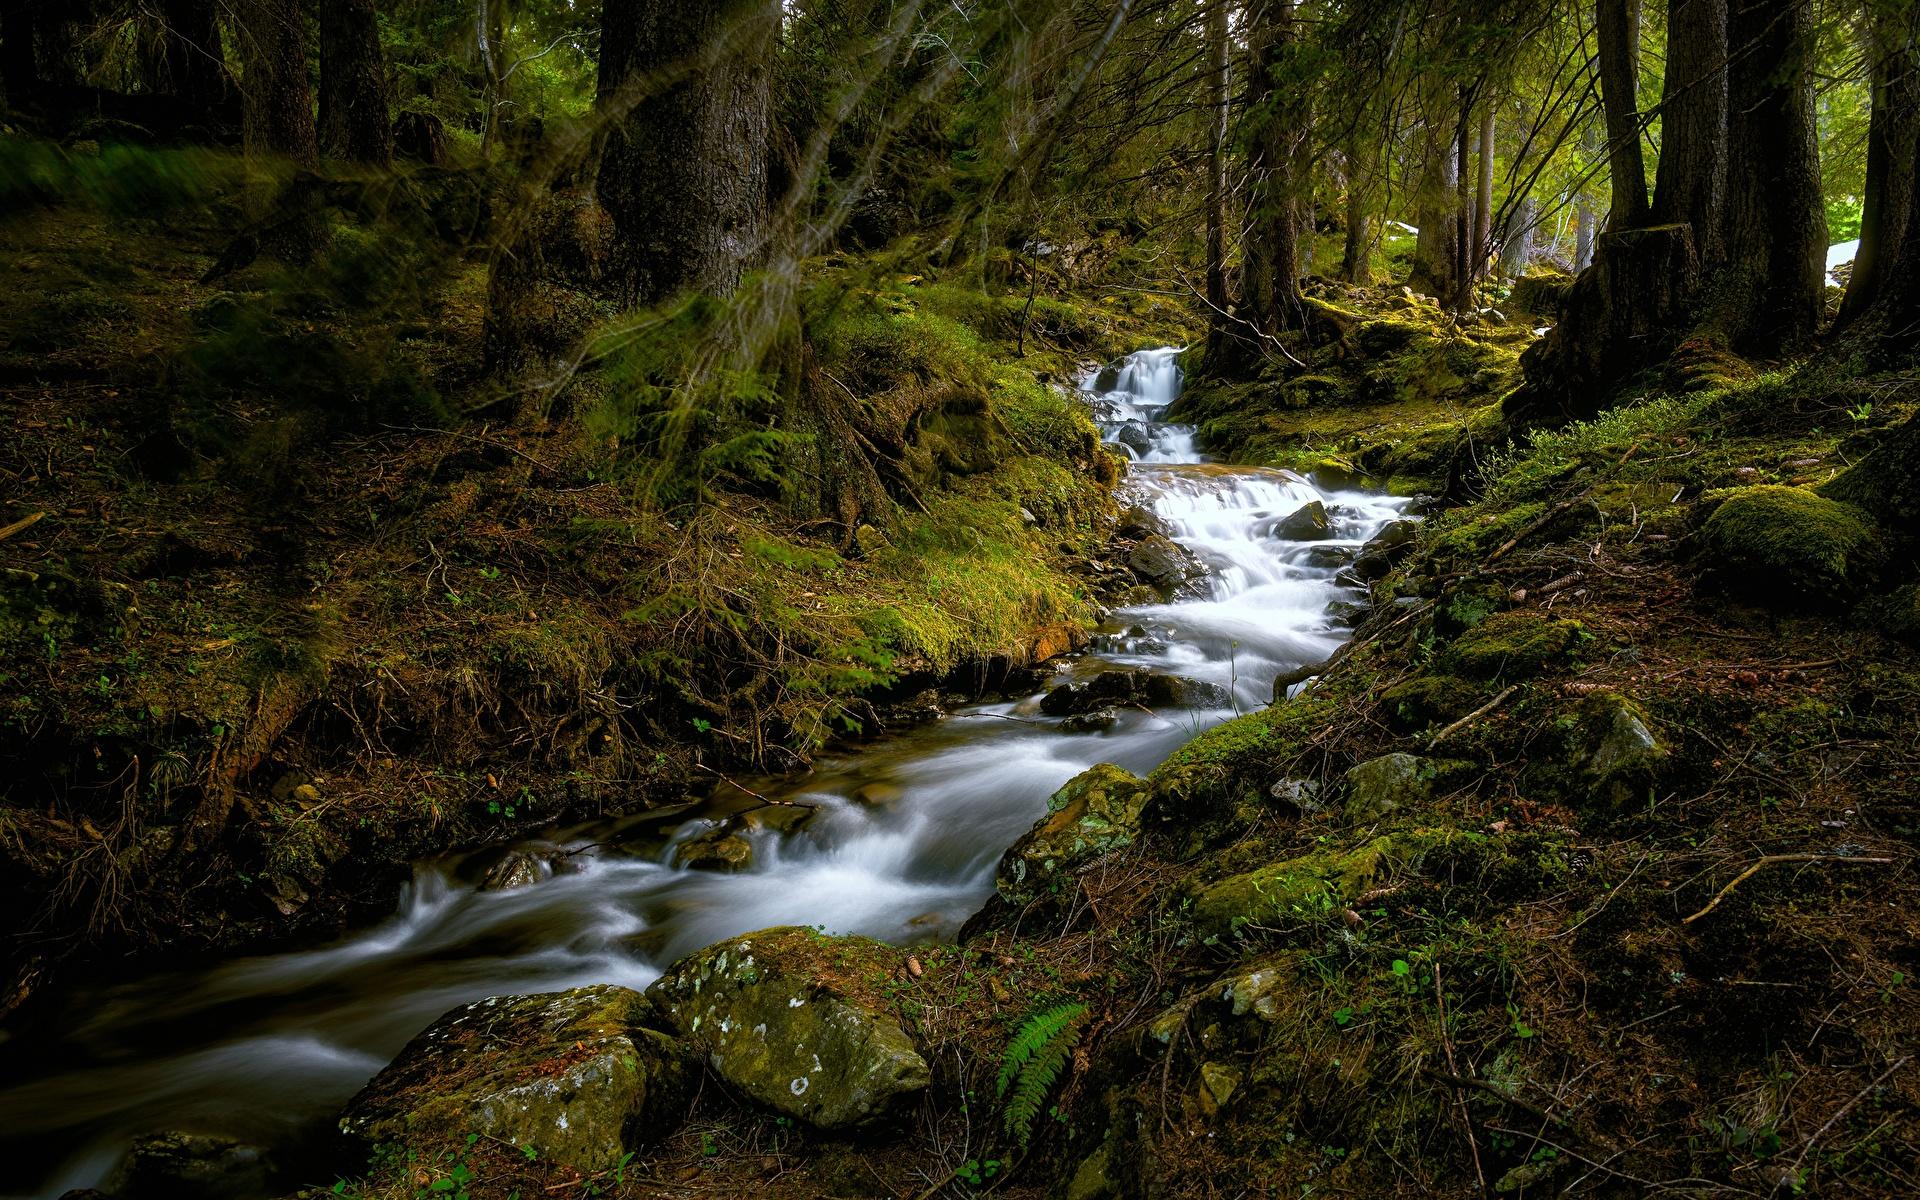 Фотография Швейцария Büelbach Ручей Природа Леса мха Камни дерево 1920x1200 ручеек лес Мох мхом Камень дерева Деревья деревьев